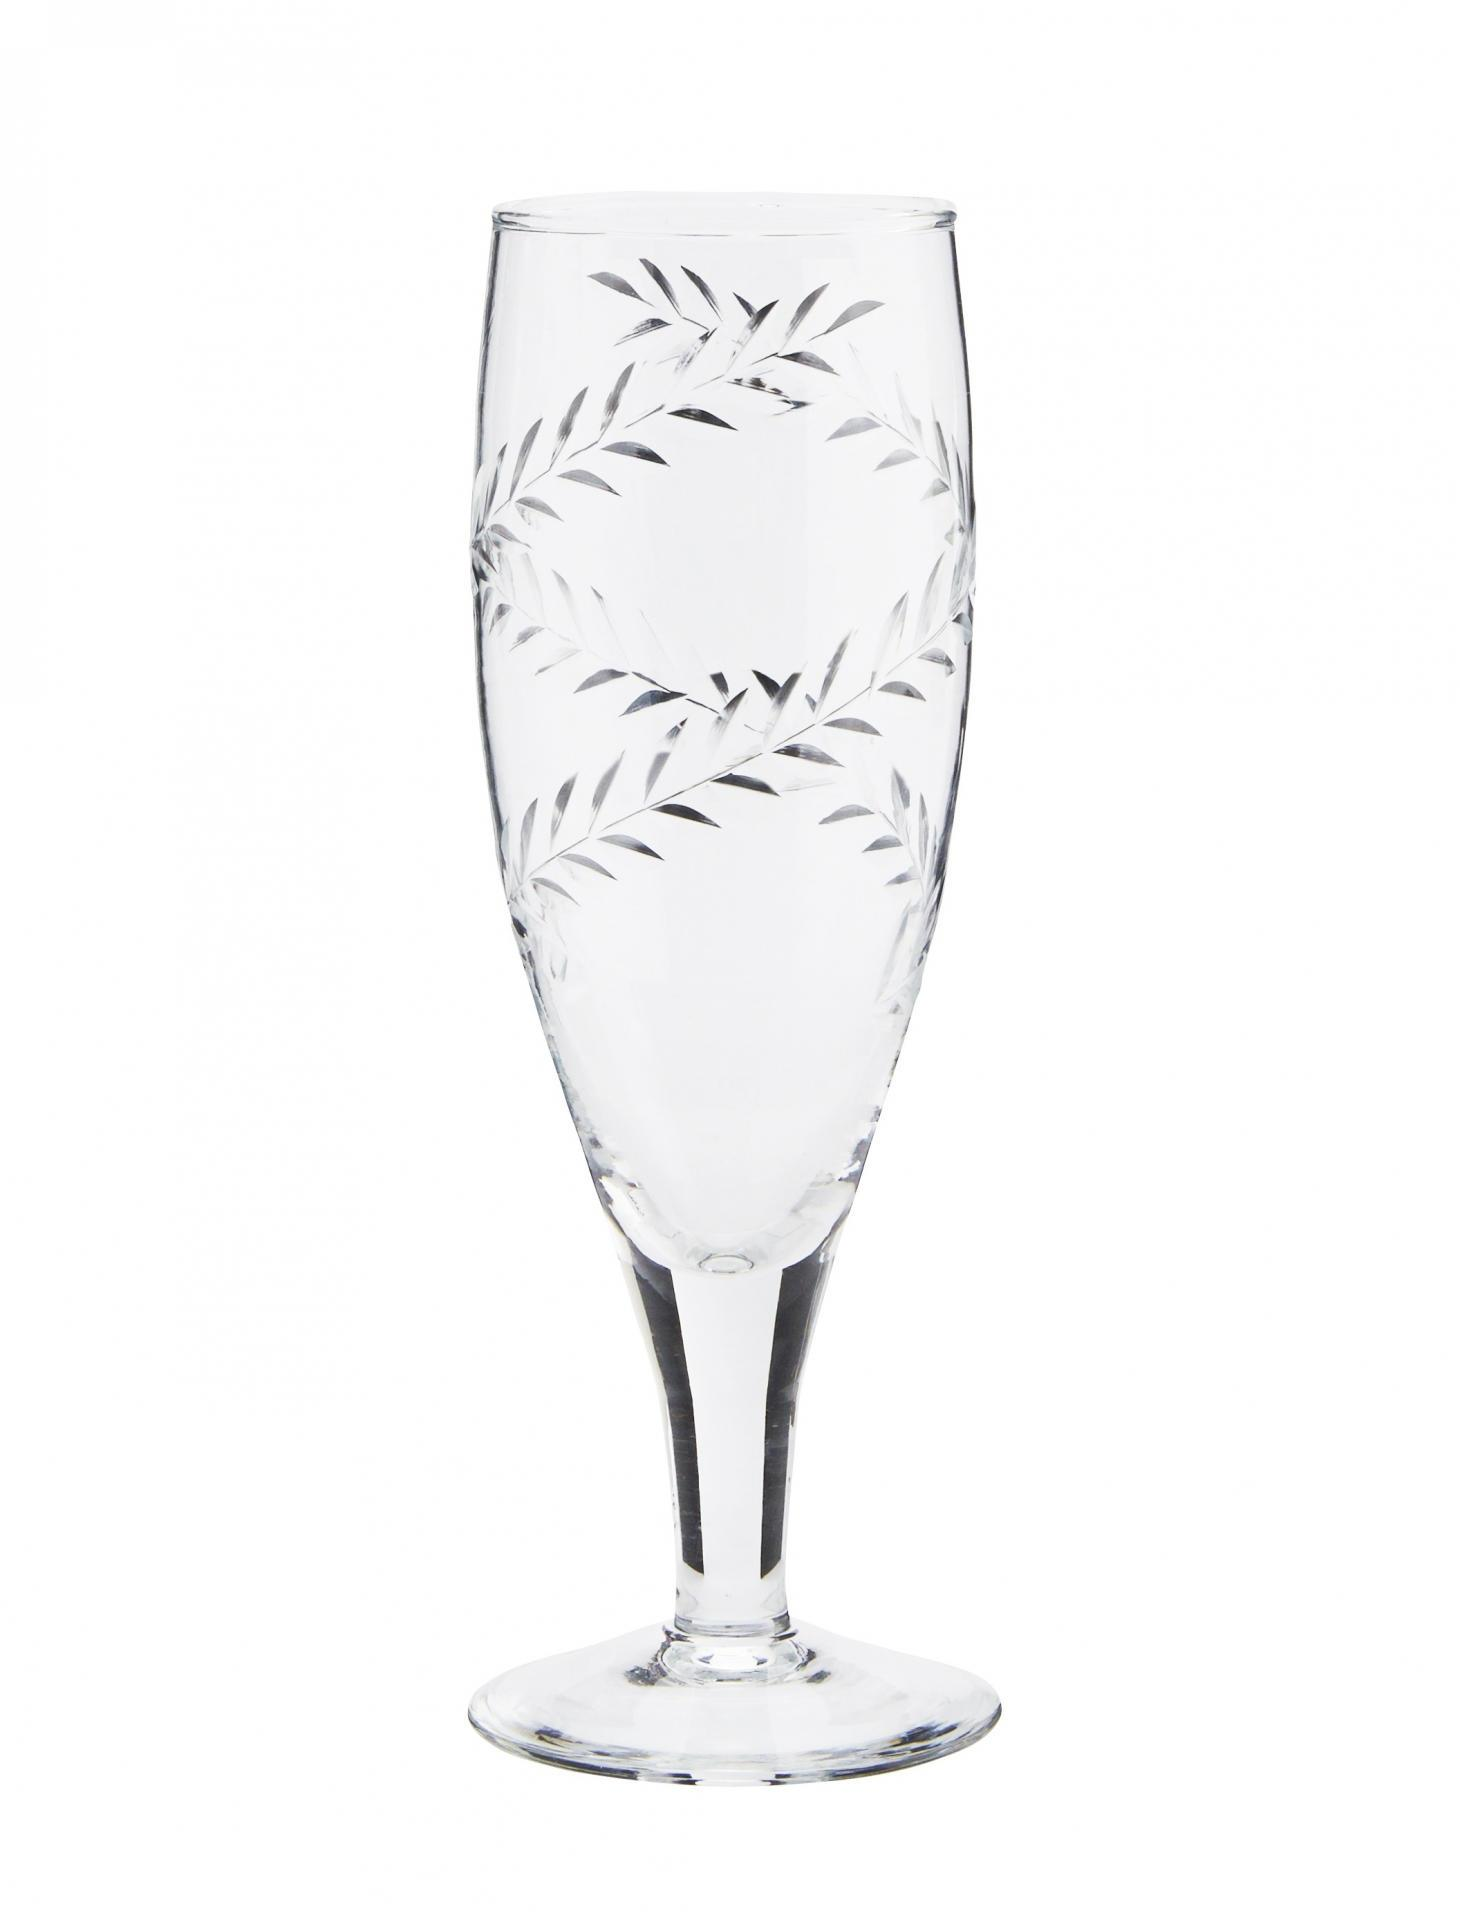 MADAM STOLTZ Sklenička na šampaňské Frond, čirá barva, sklo